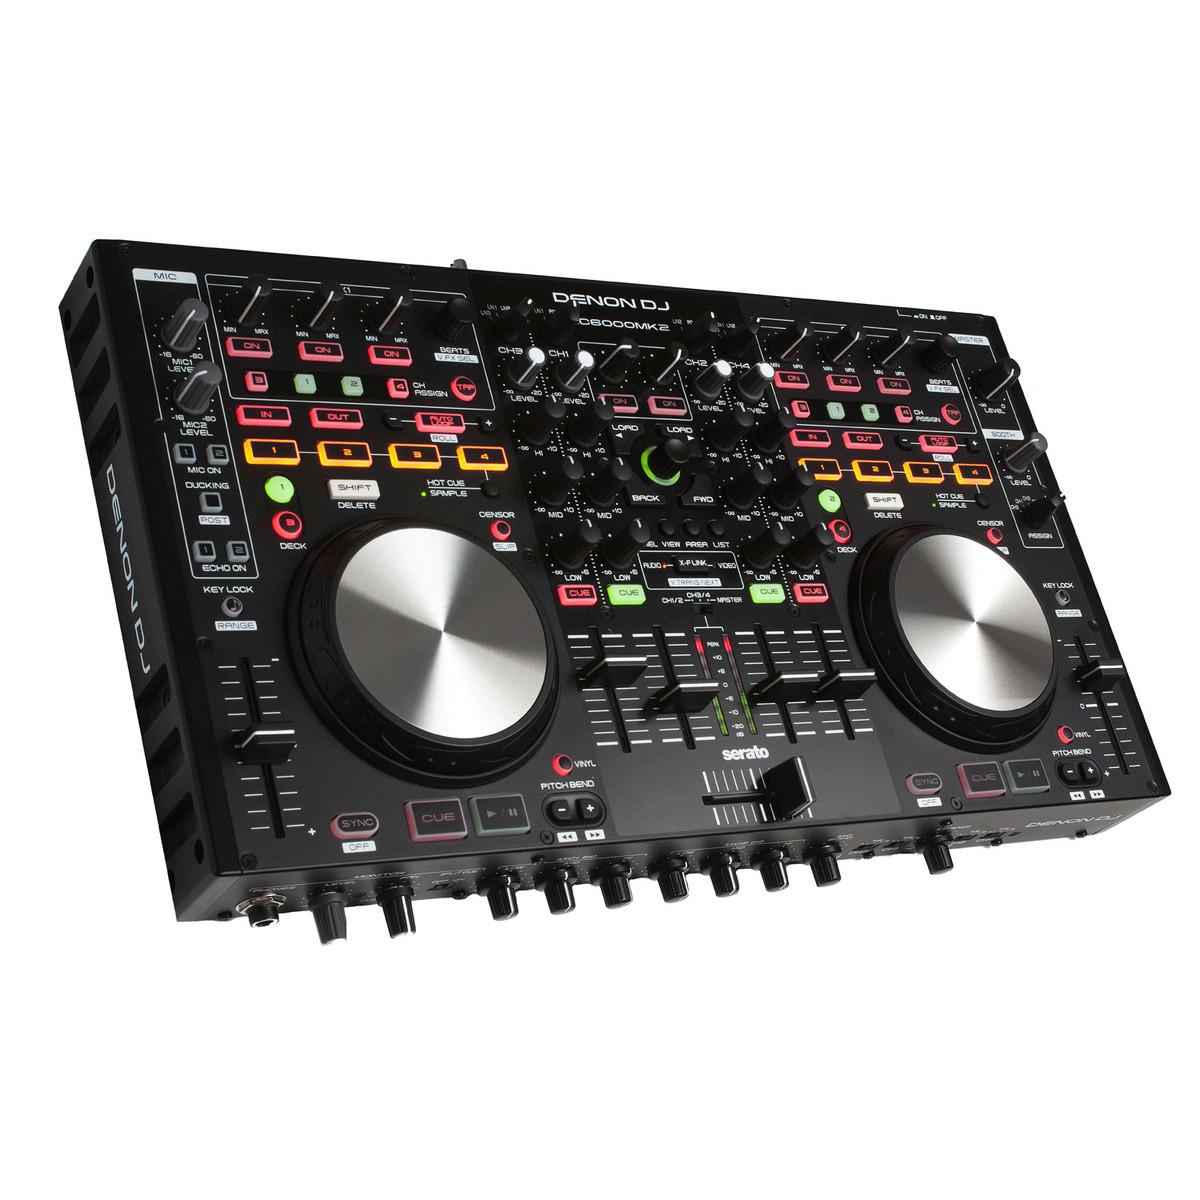 DISC Denon MC6000MK2 Professional 4 Channel DJ Controller